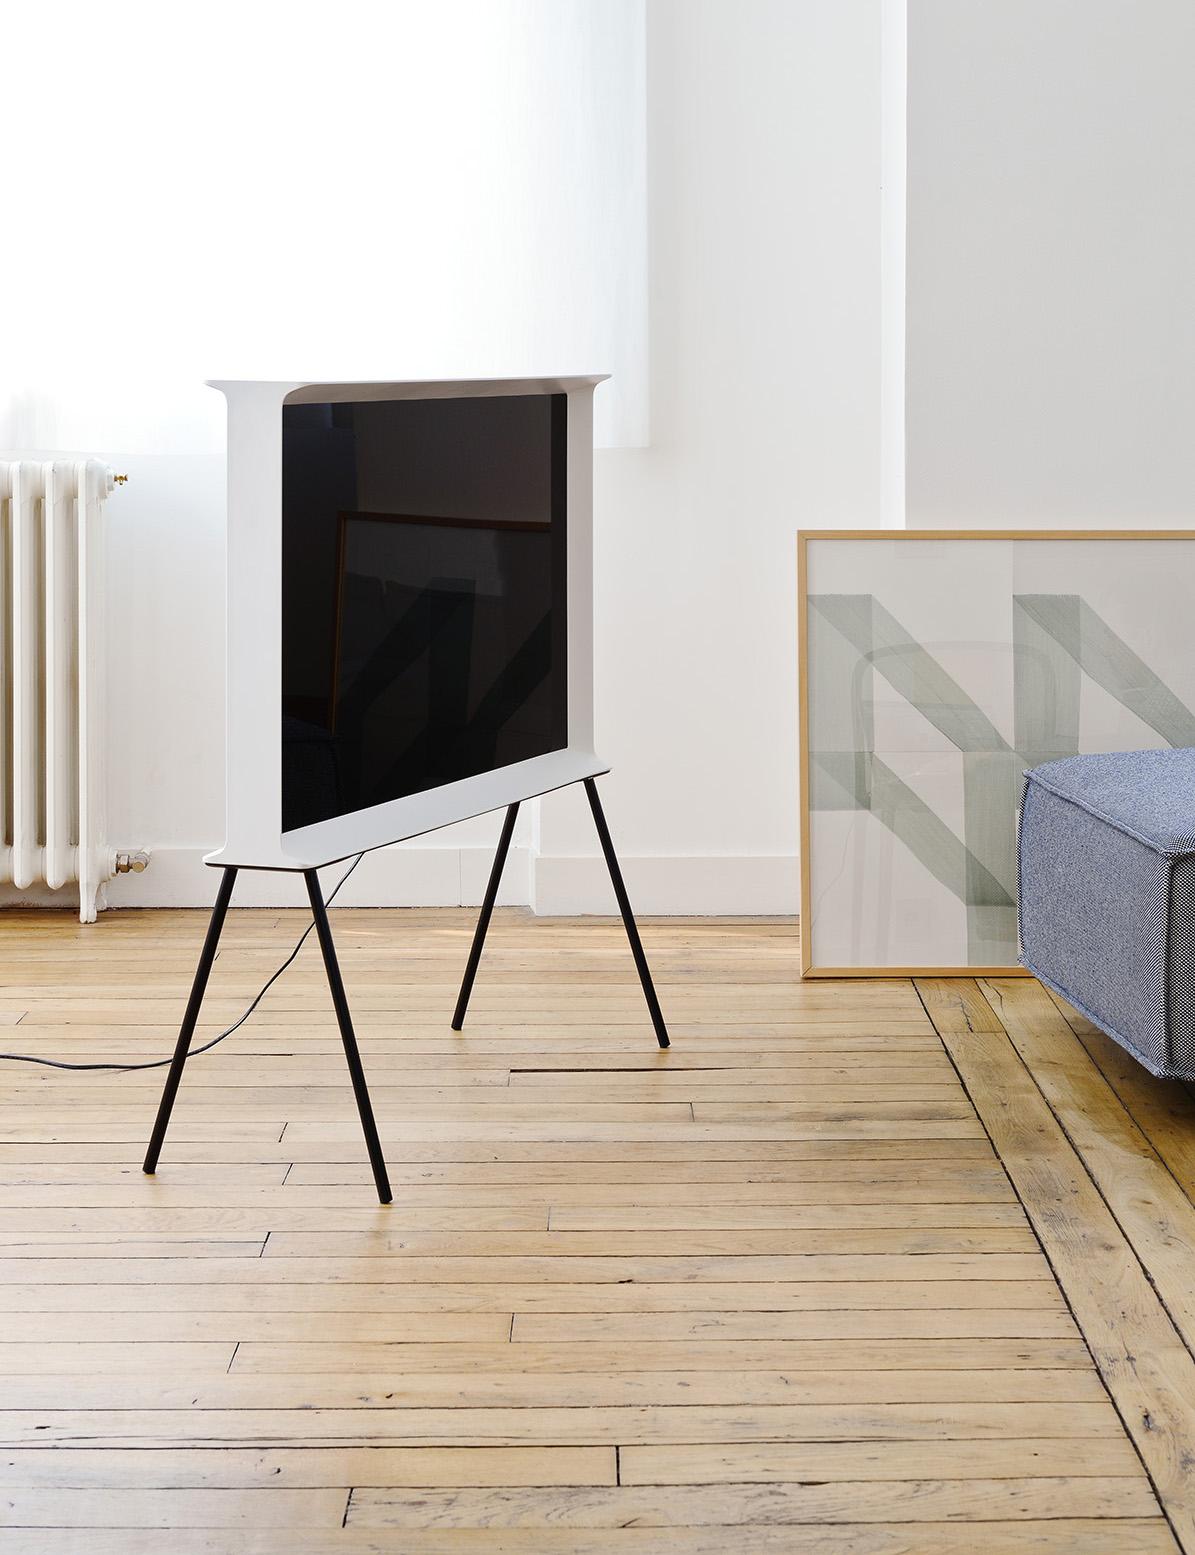 samsung serif tv une tipografia ao design do televisor caderninho de ideias. Black Bedroom Furniture Sets. Home Design Ideas